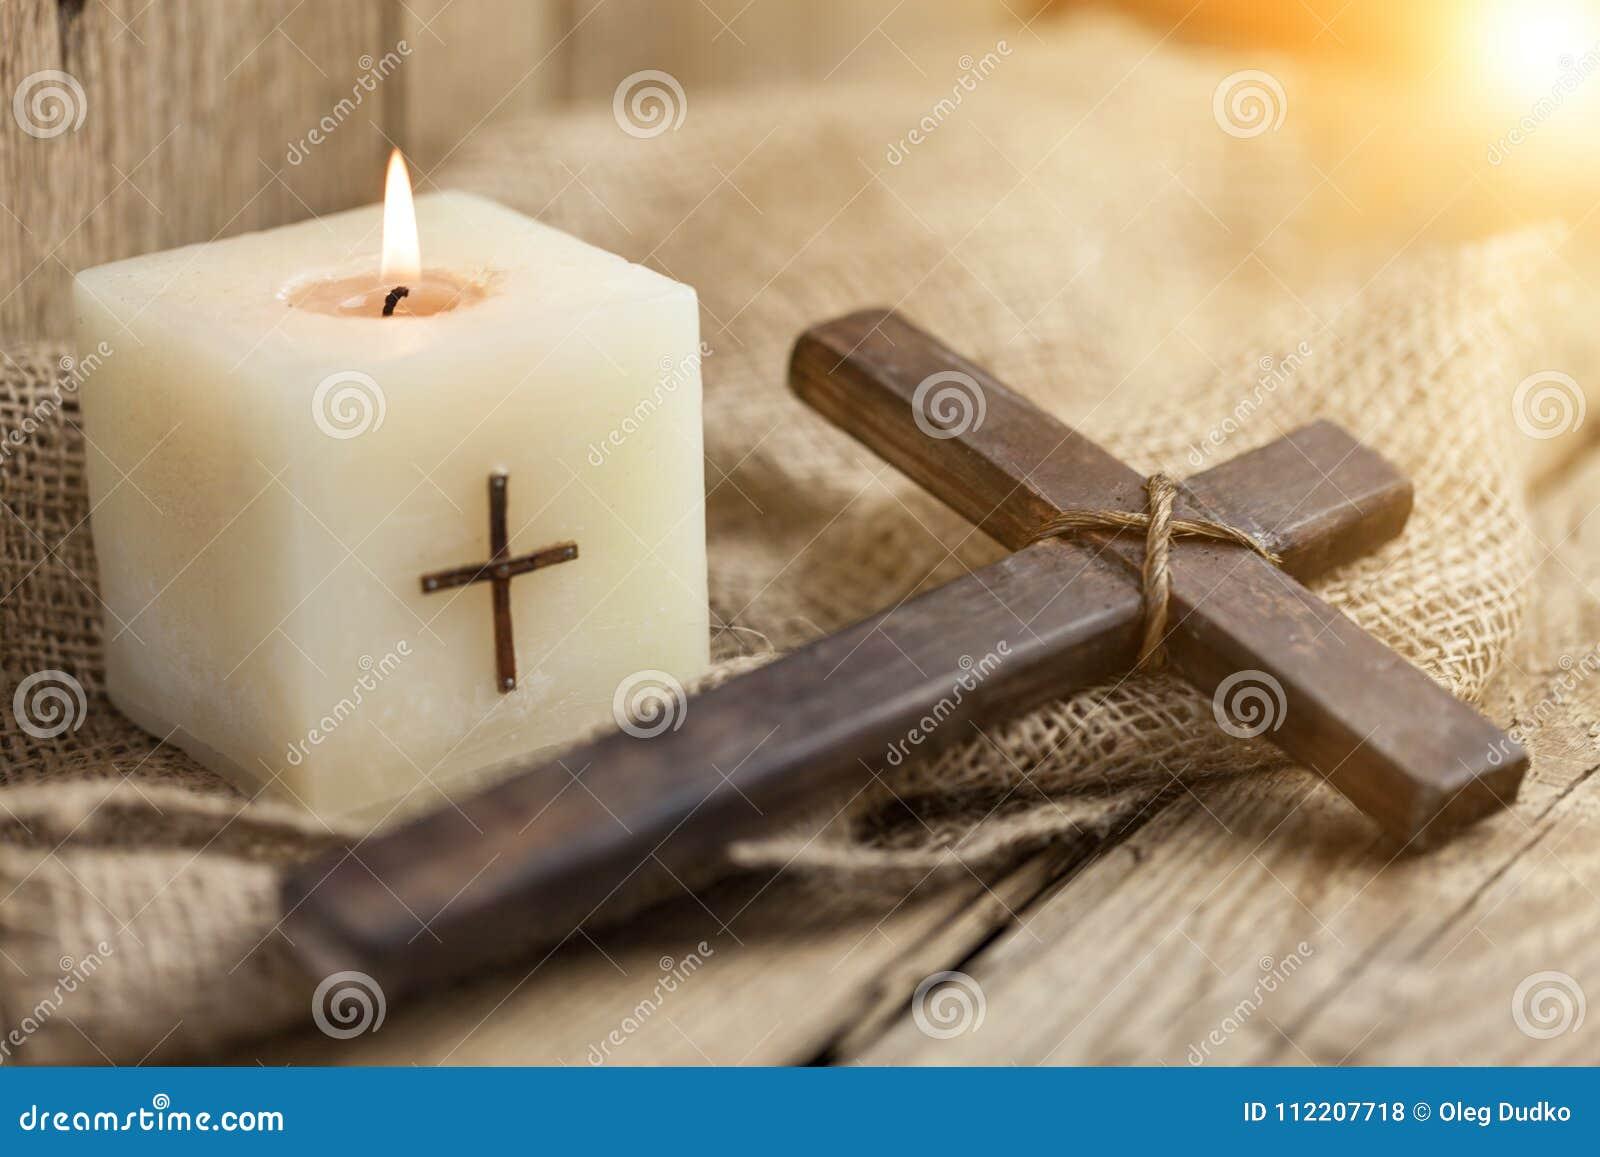 基督徒十字架和蜡烛